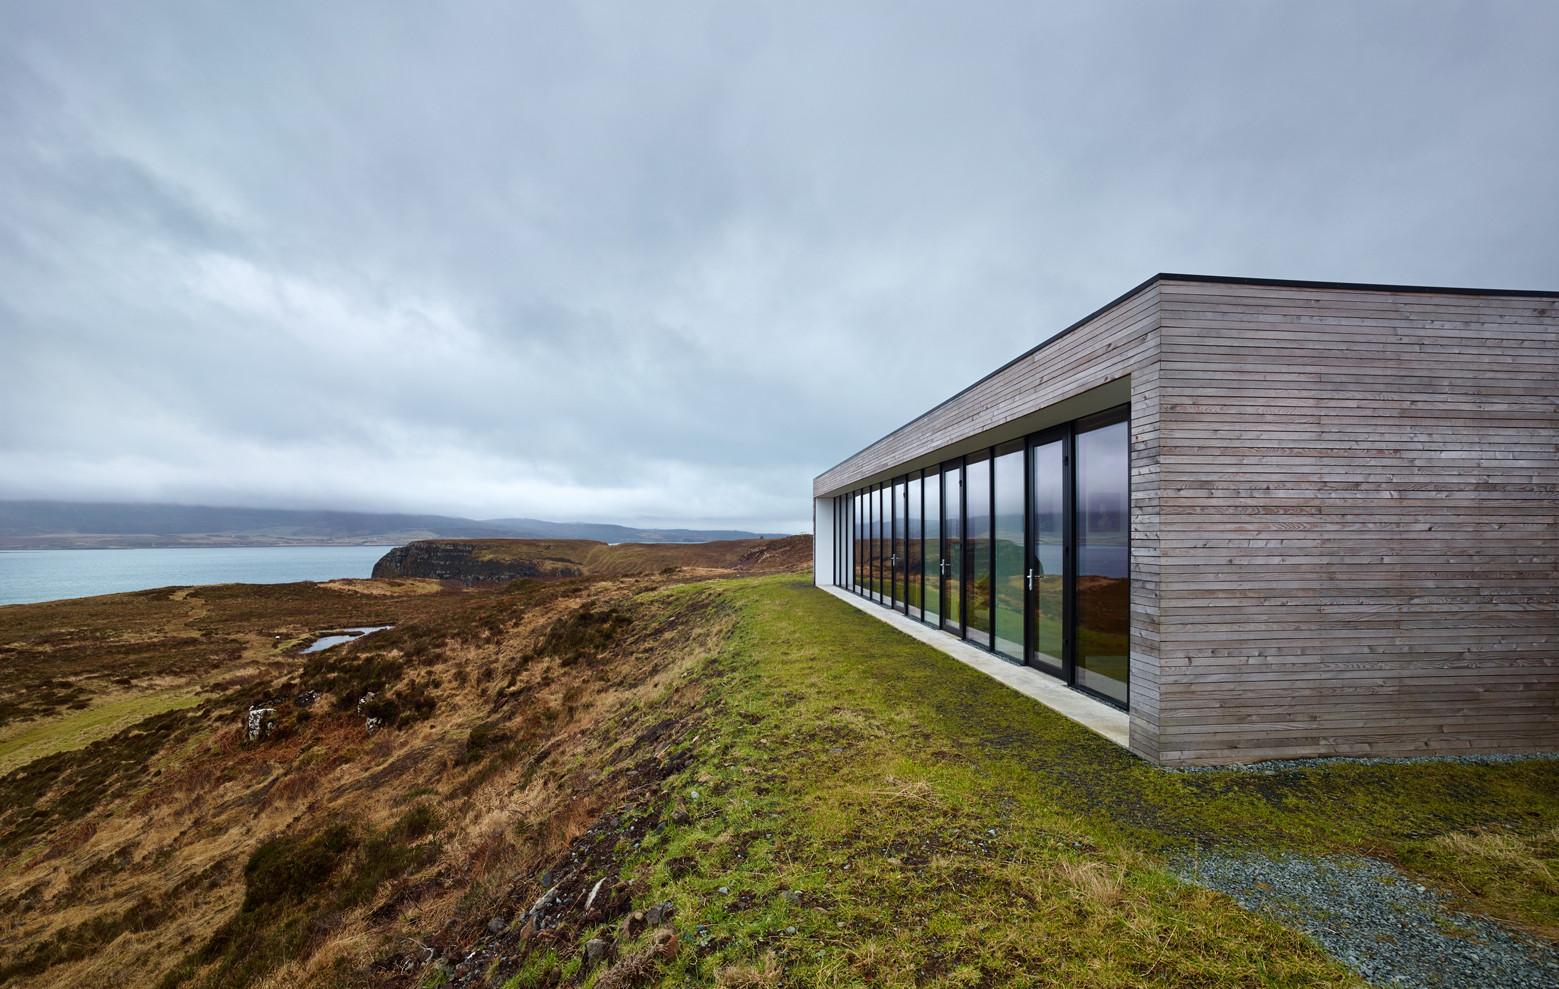 Casa en el acantilado / Dualchas Architects. Imágen © Andrew Lee